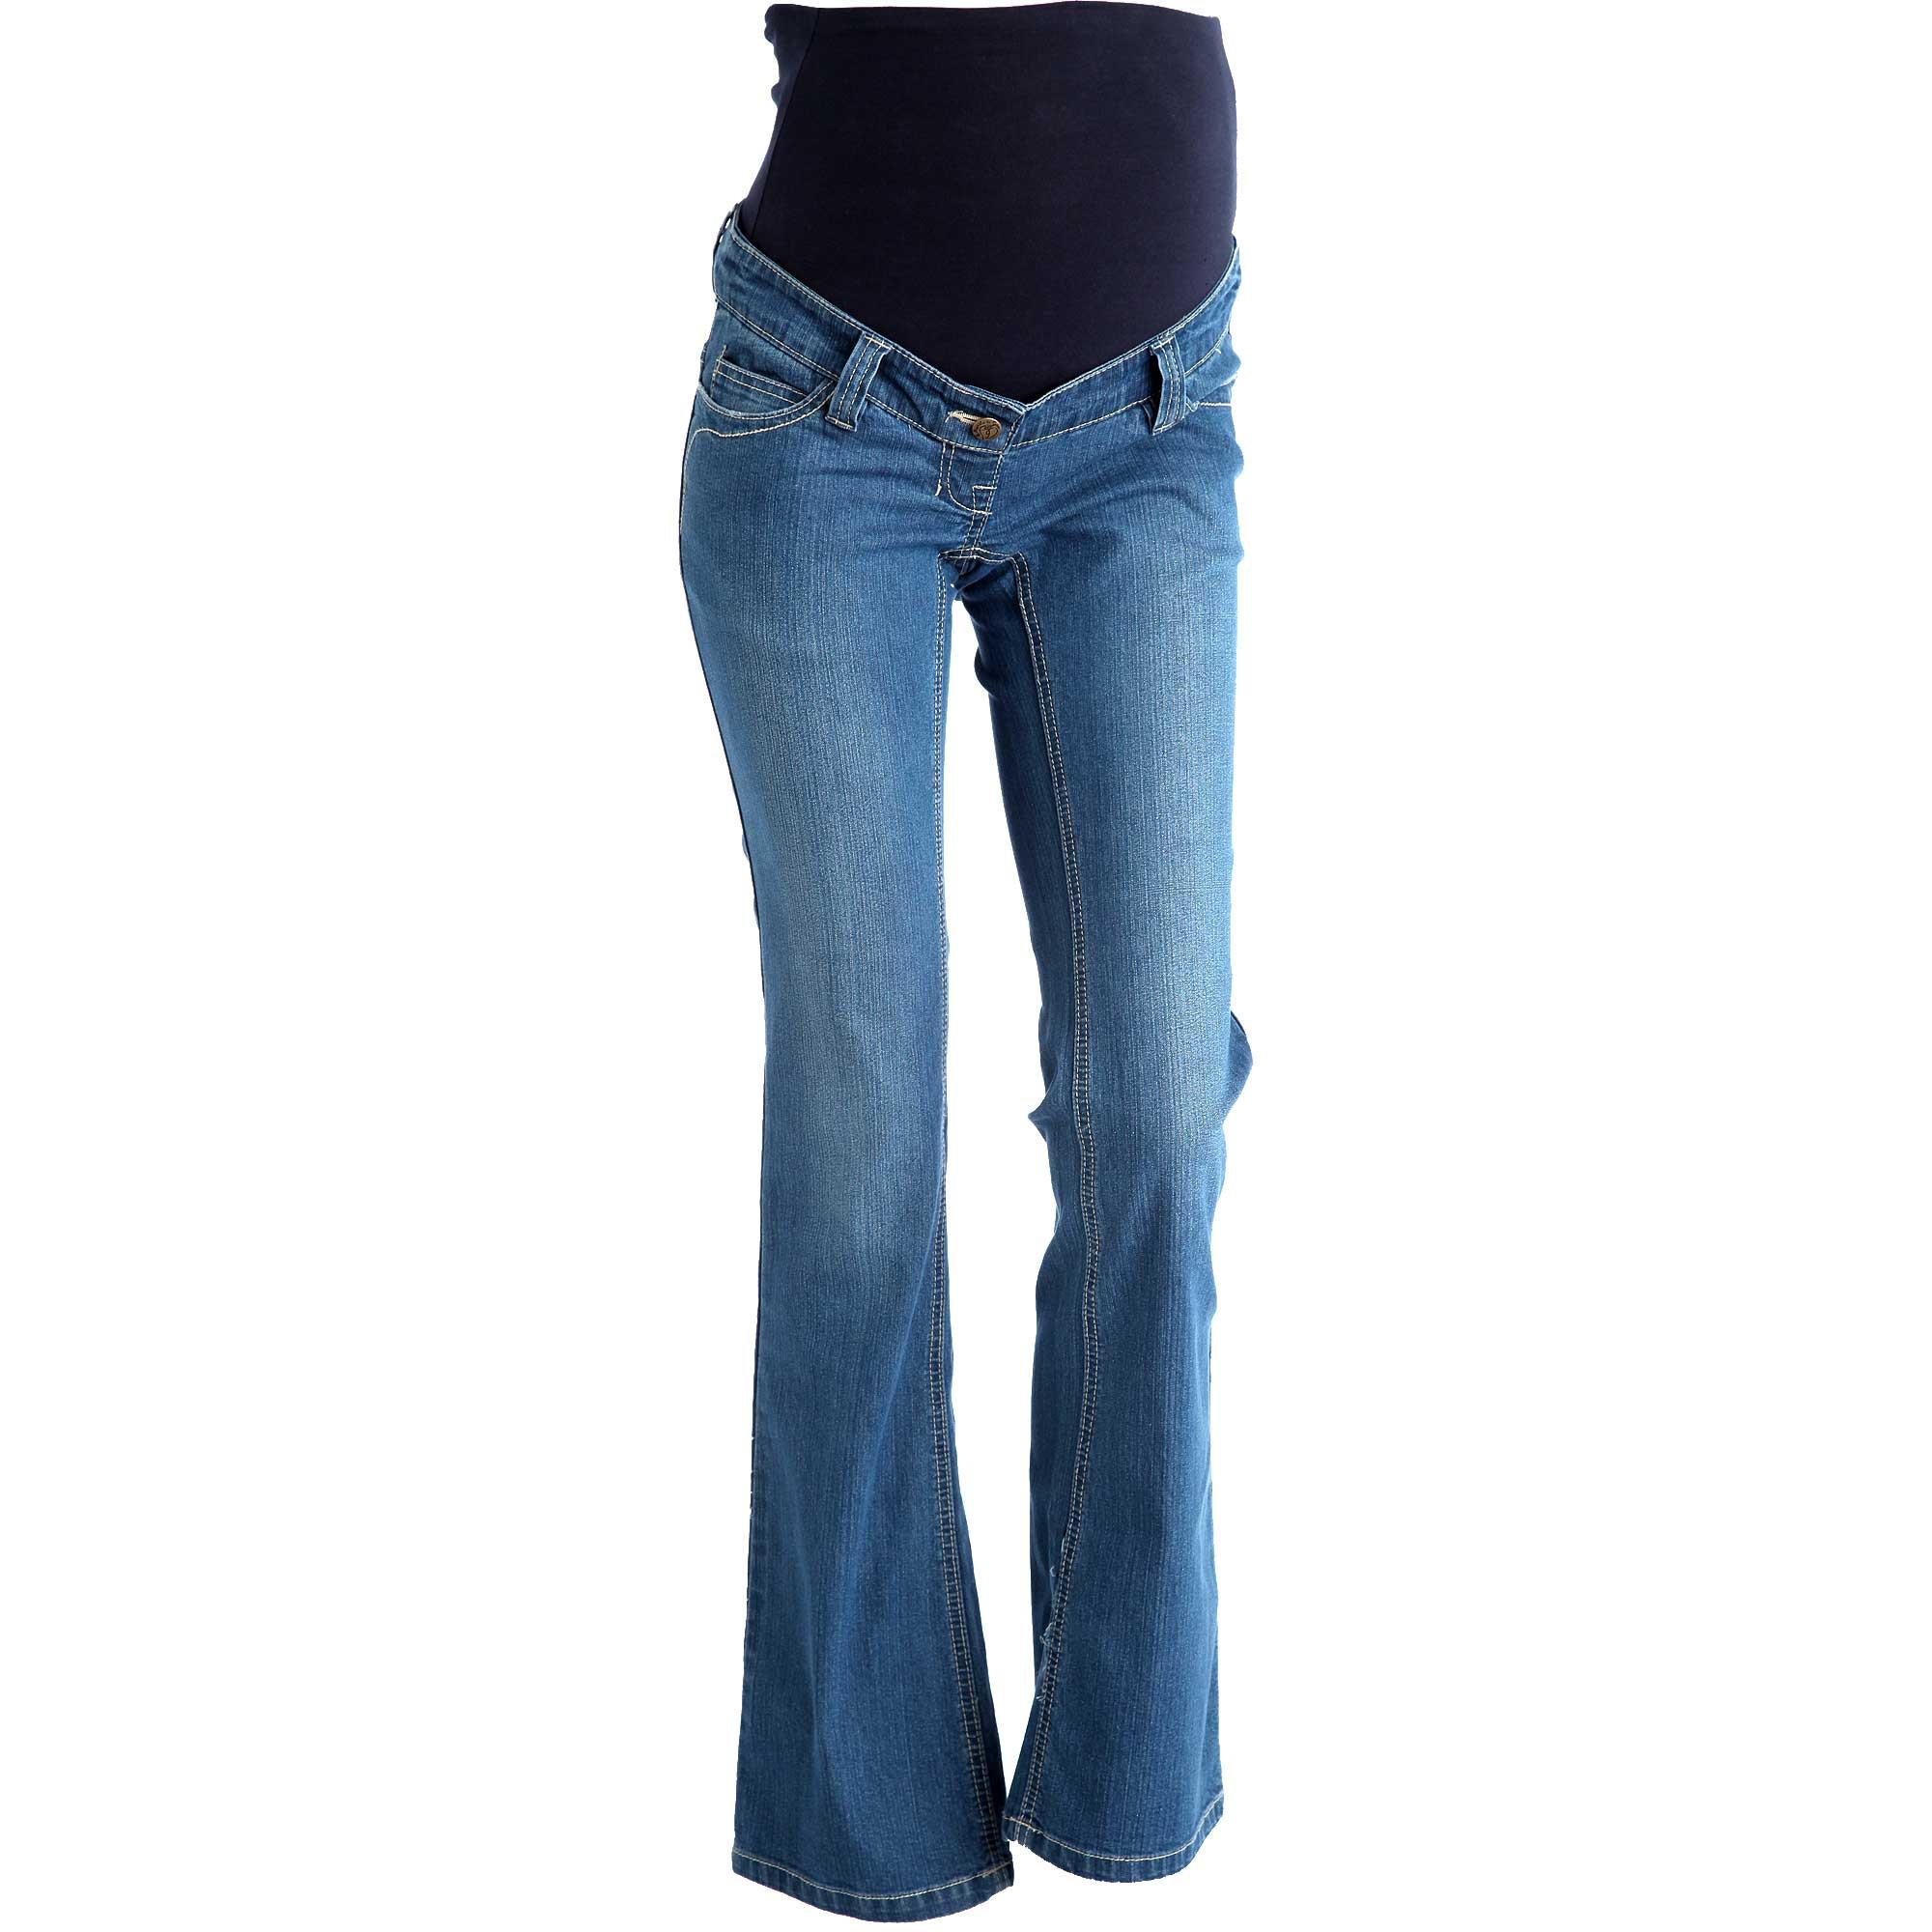 couleurs et frappant ramasser fabrication habile Jean de grossesse bootcut KIABI : Avis